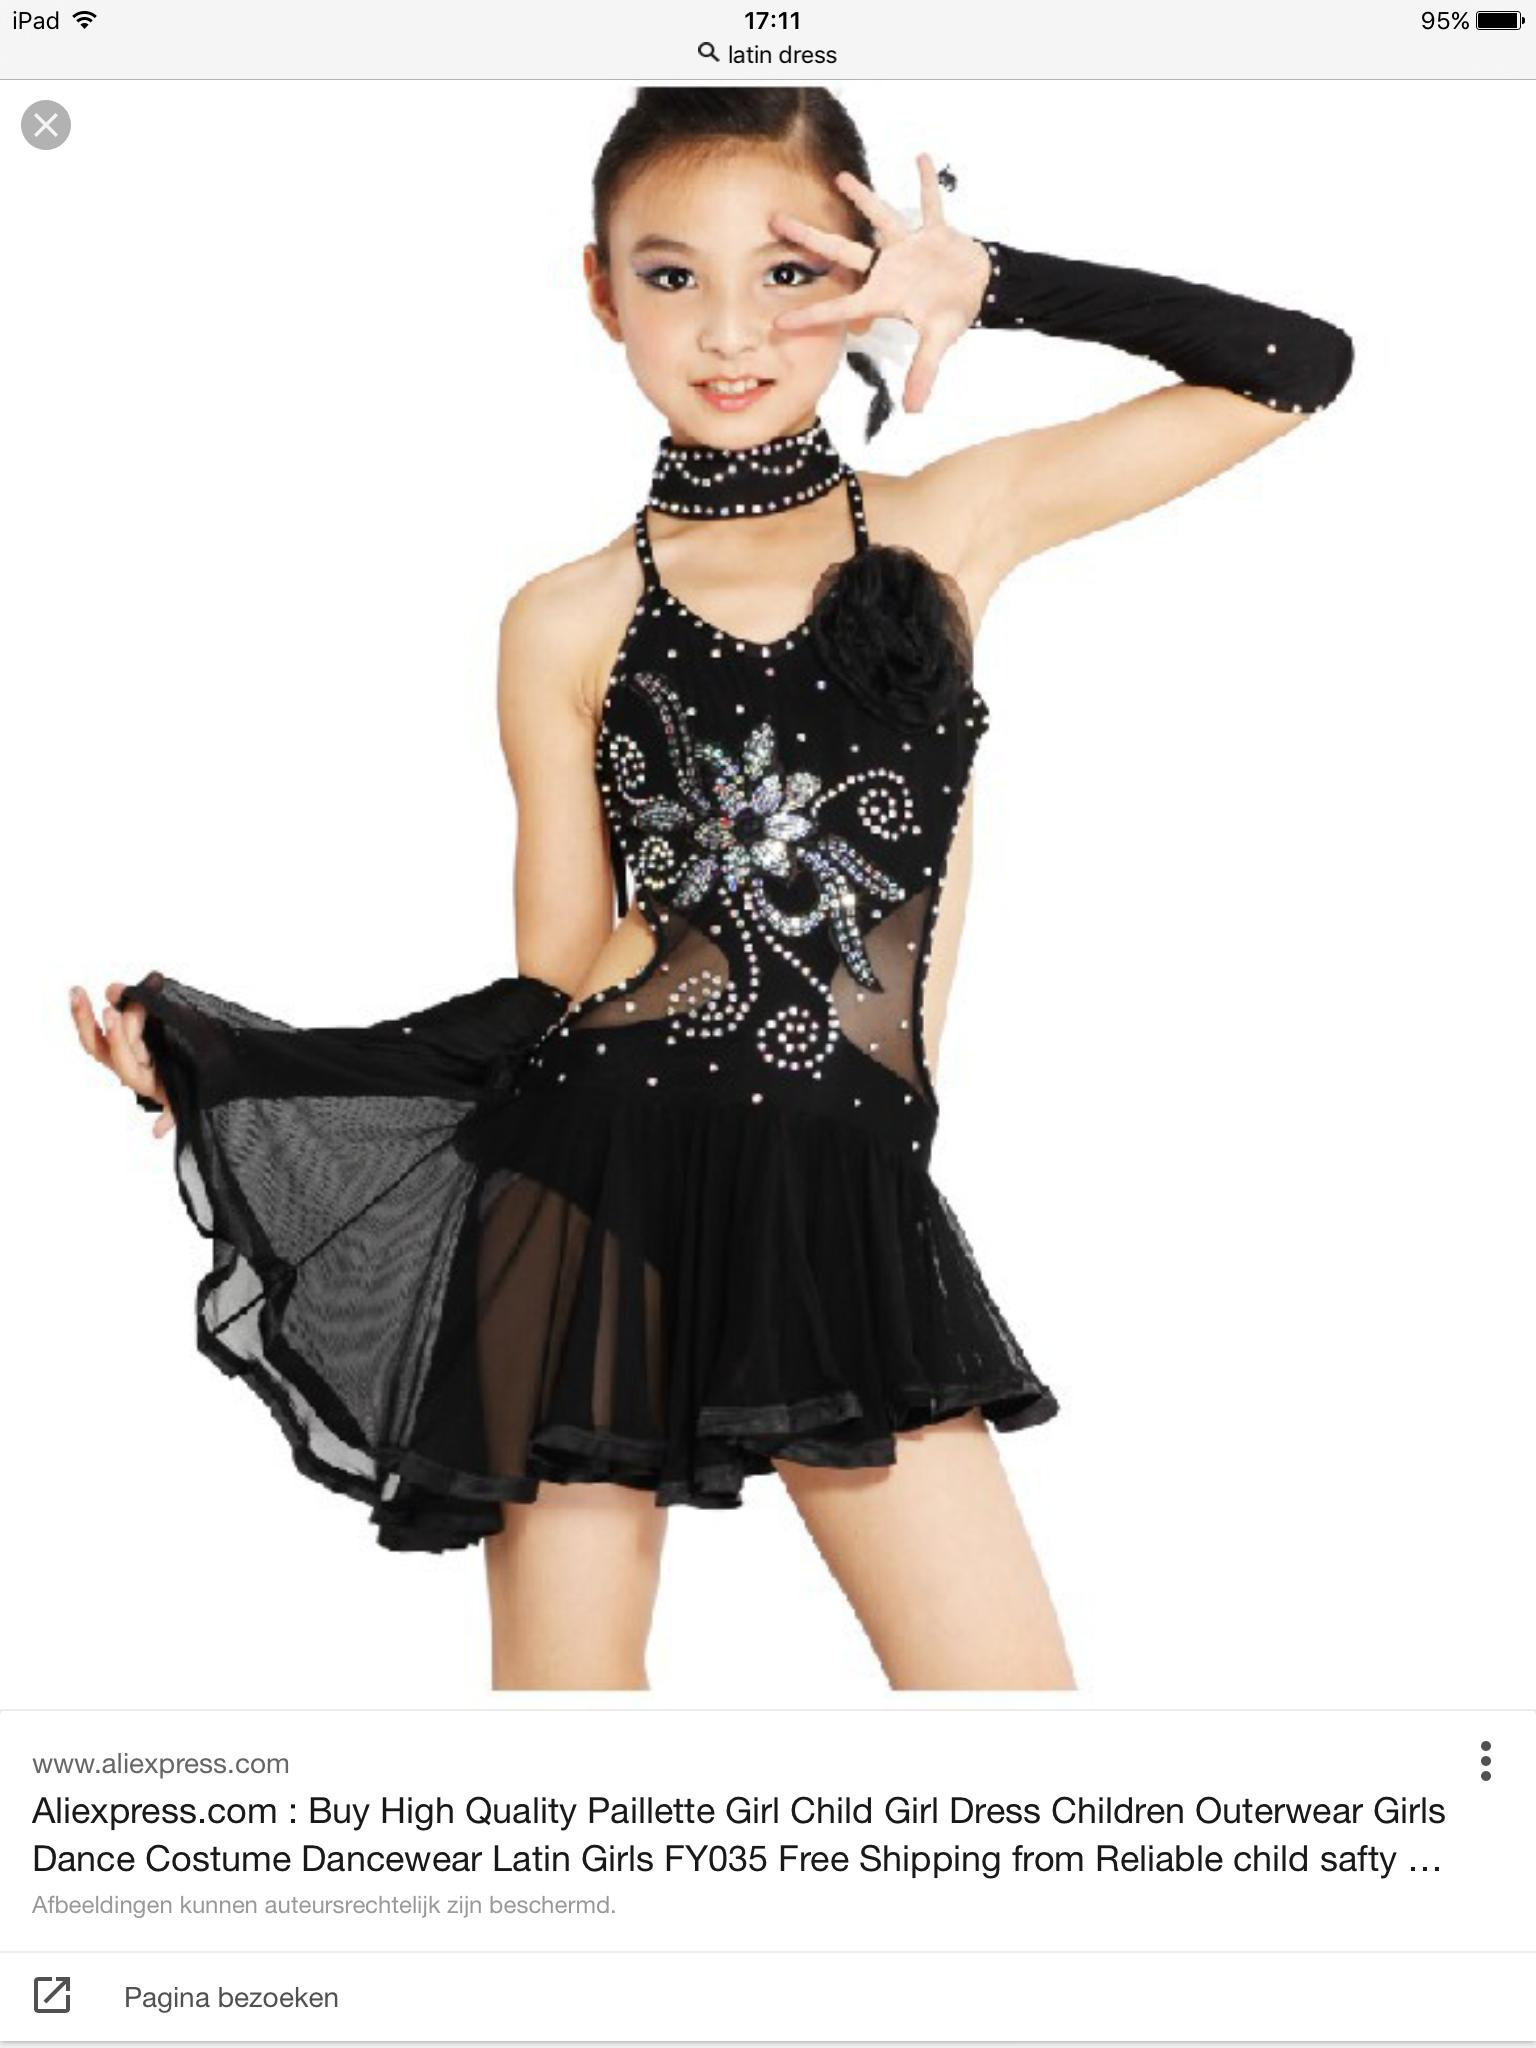 691a91dd575a Pin van Kathleen Hendrickx op Latin dress ice skate - Dance dresses ...